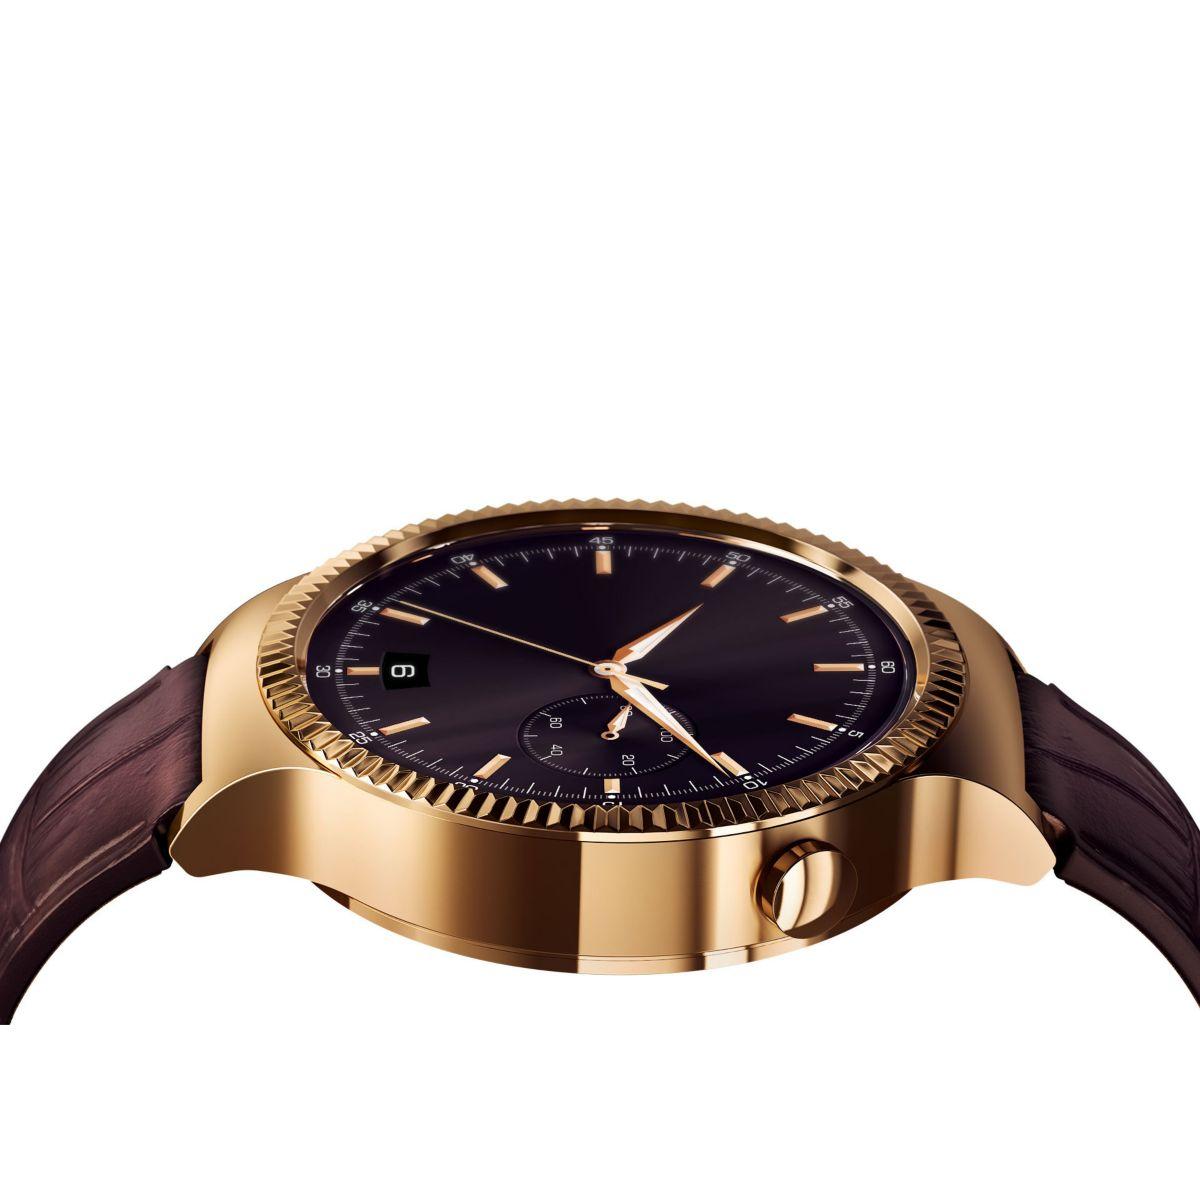 Montre connectée huawei watch elite or/cuir - 15% de remise immédiate avec le code : top15 (photo)